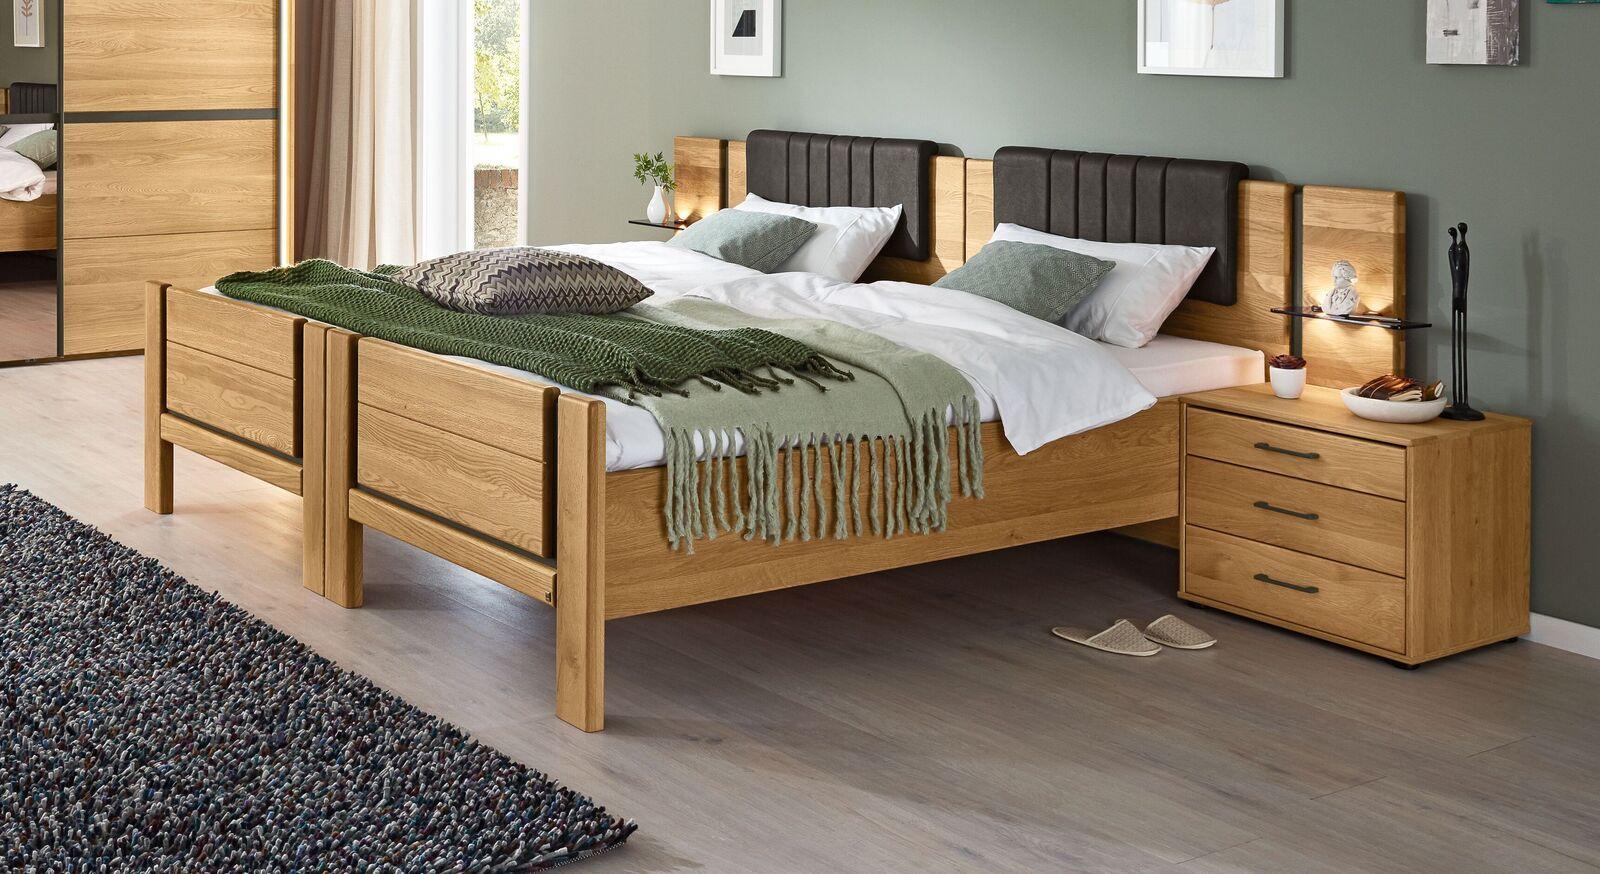 MUSTERRING Komfort Einzelbetten Sorrent mit Verbindungs-Beschlag